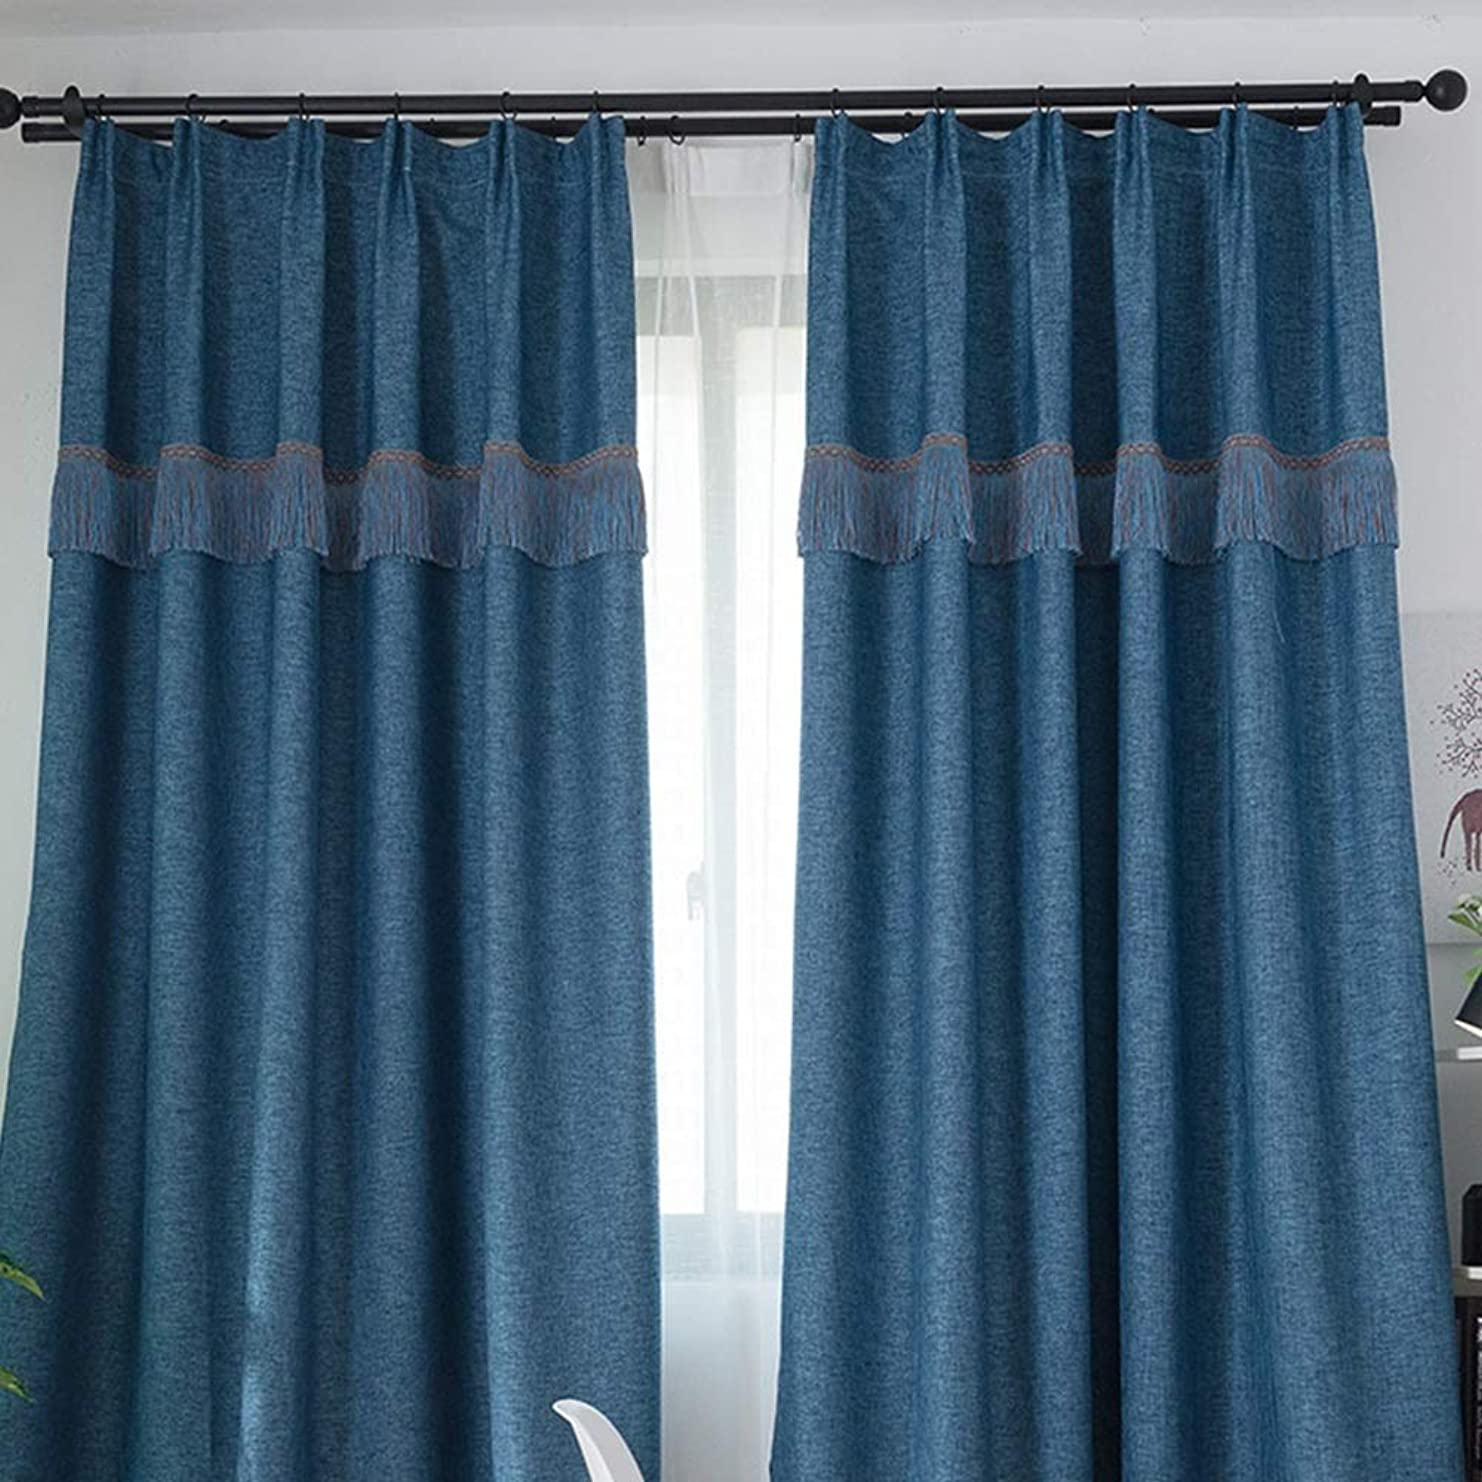 リネンスタイル、シンプルでシックなブラックアウトカーテン、リビングルームのベッドルーム、仕上げカーテン、飾りとフック付き(2パターン、5サイズ) (色 : ブロンズ, サイズ さいず : 350*270cm)